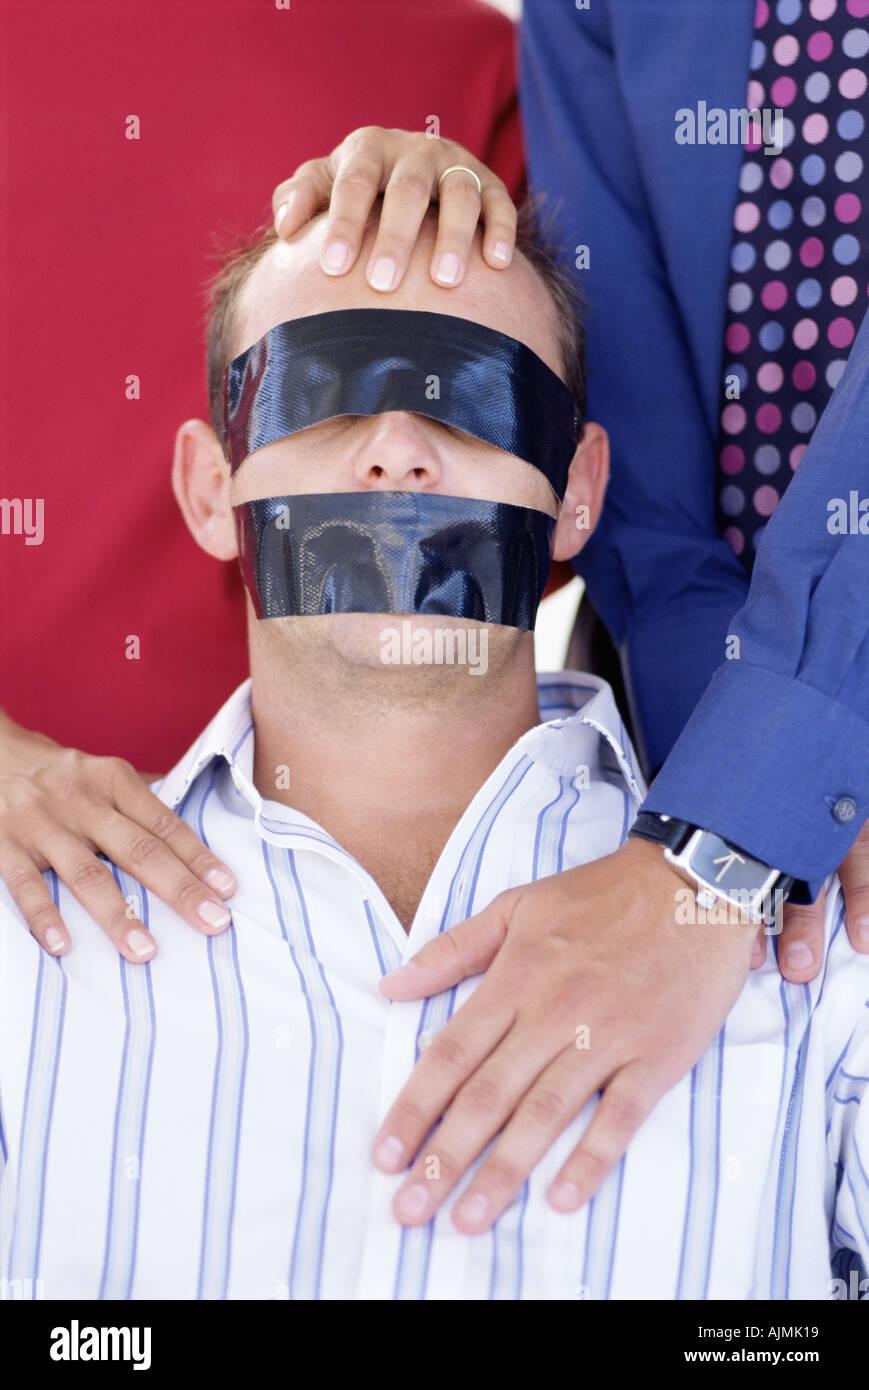 Office worker taken hostage - Stock Image